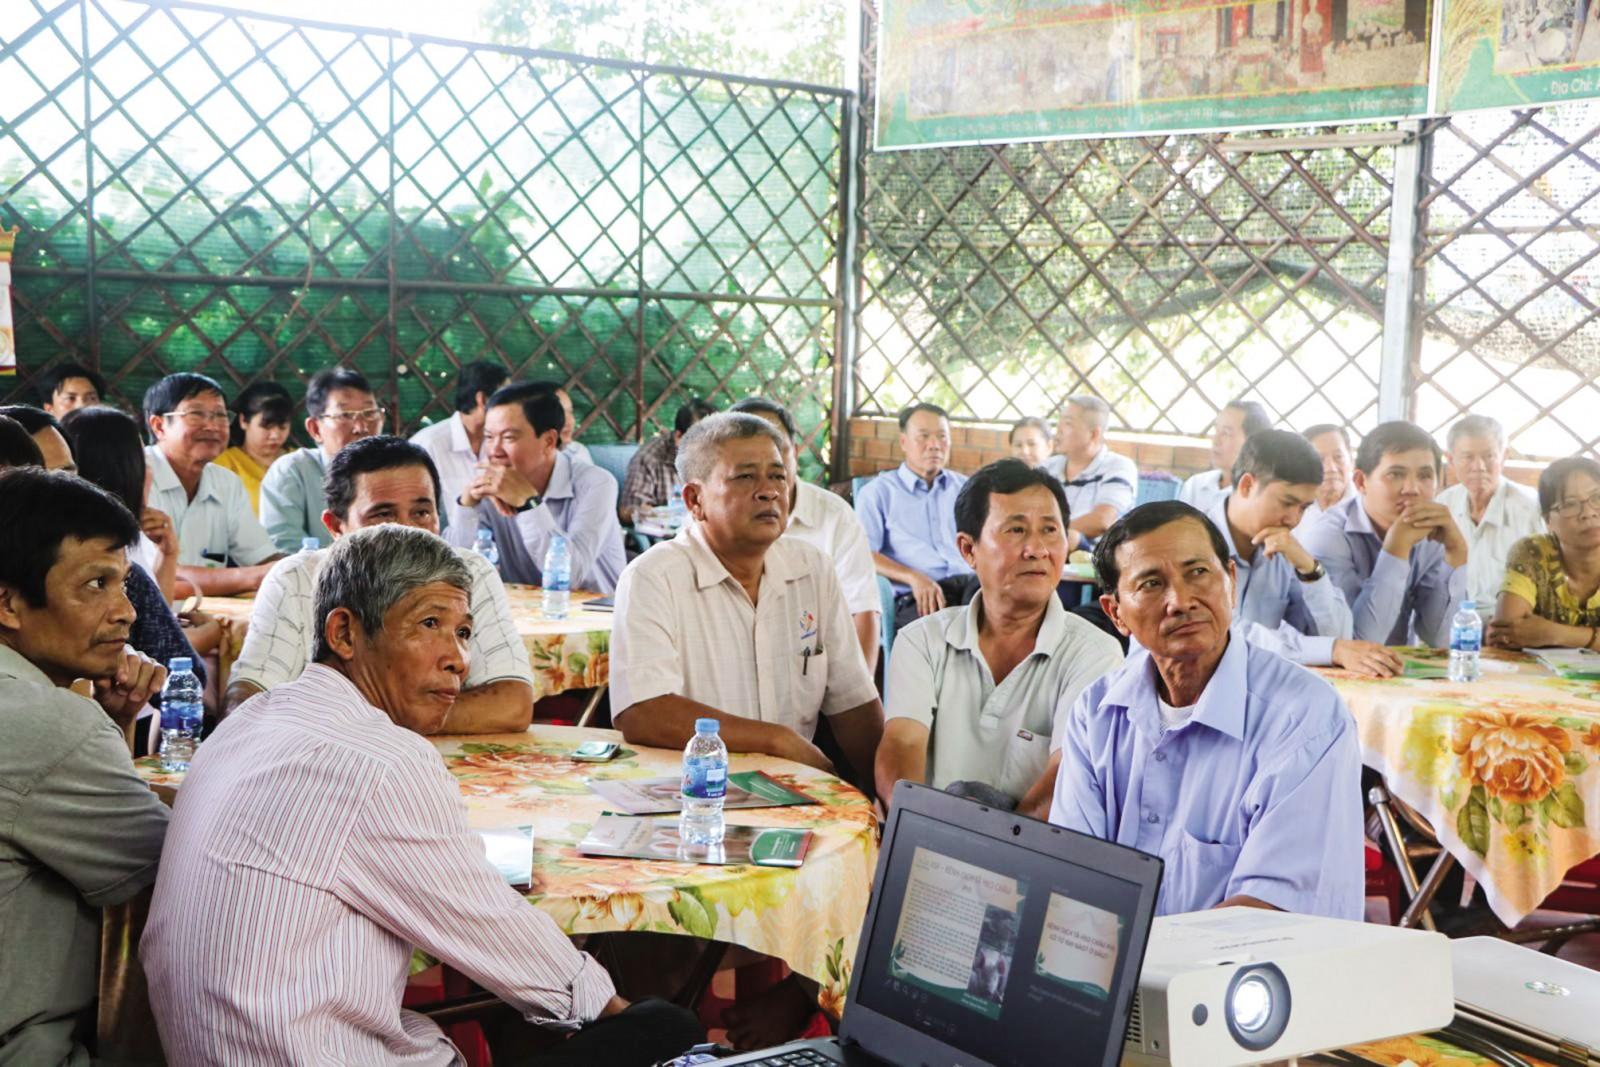 Một buổi sinh hoạt của Hội quán nông dân ở xã Tân Nghĩa, huyện Cao Lãnh, tỉnh Đồng Tháp.